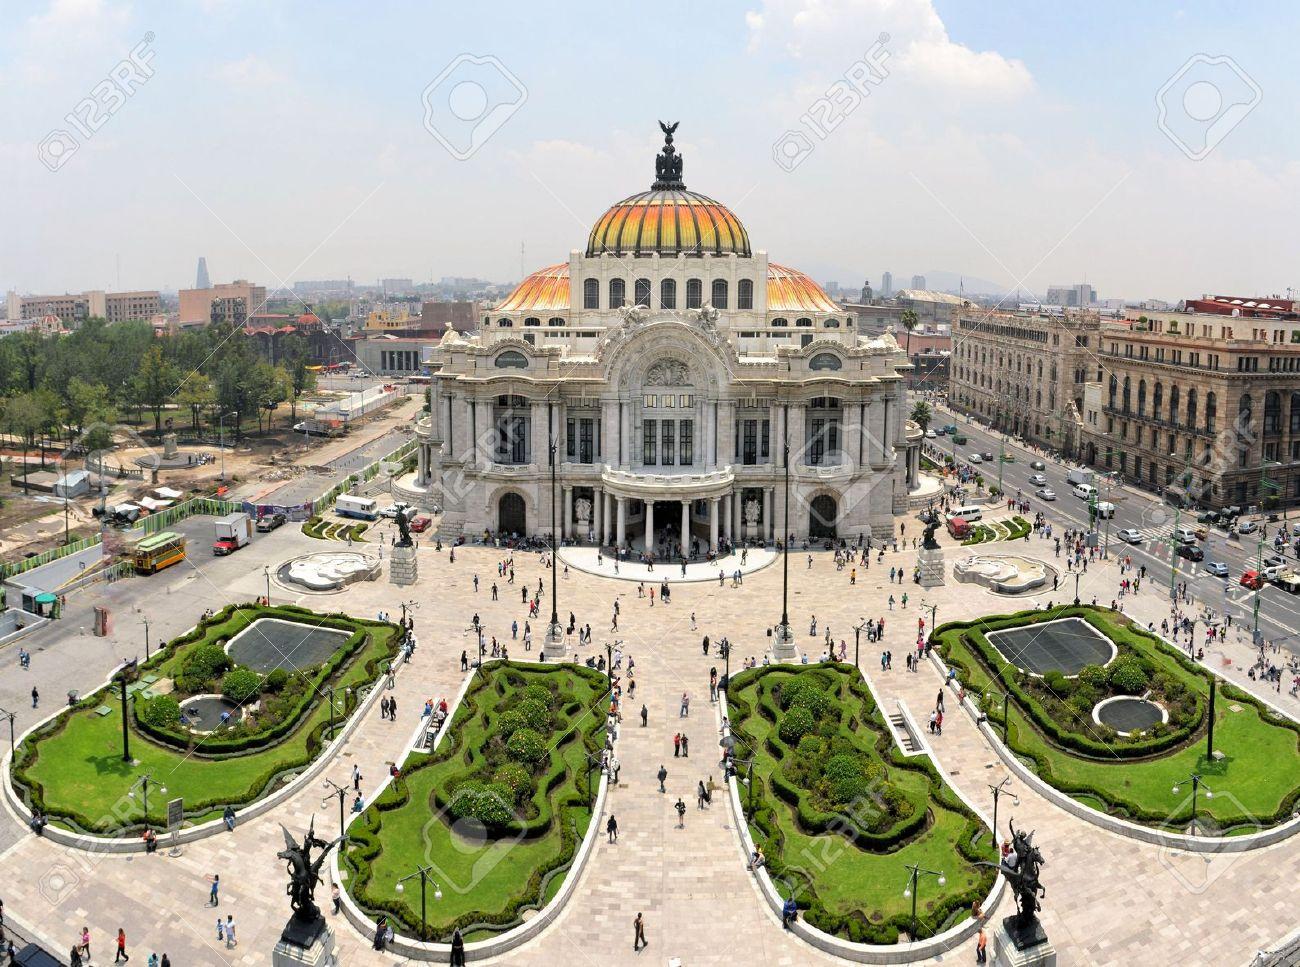 38537769-el-palacio-de-bellas-artes-museo-llamado-palacio-de-bellas-artes-en-la-ciudad-de-méxico-méxico--Foto-de-archivo